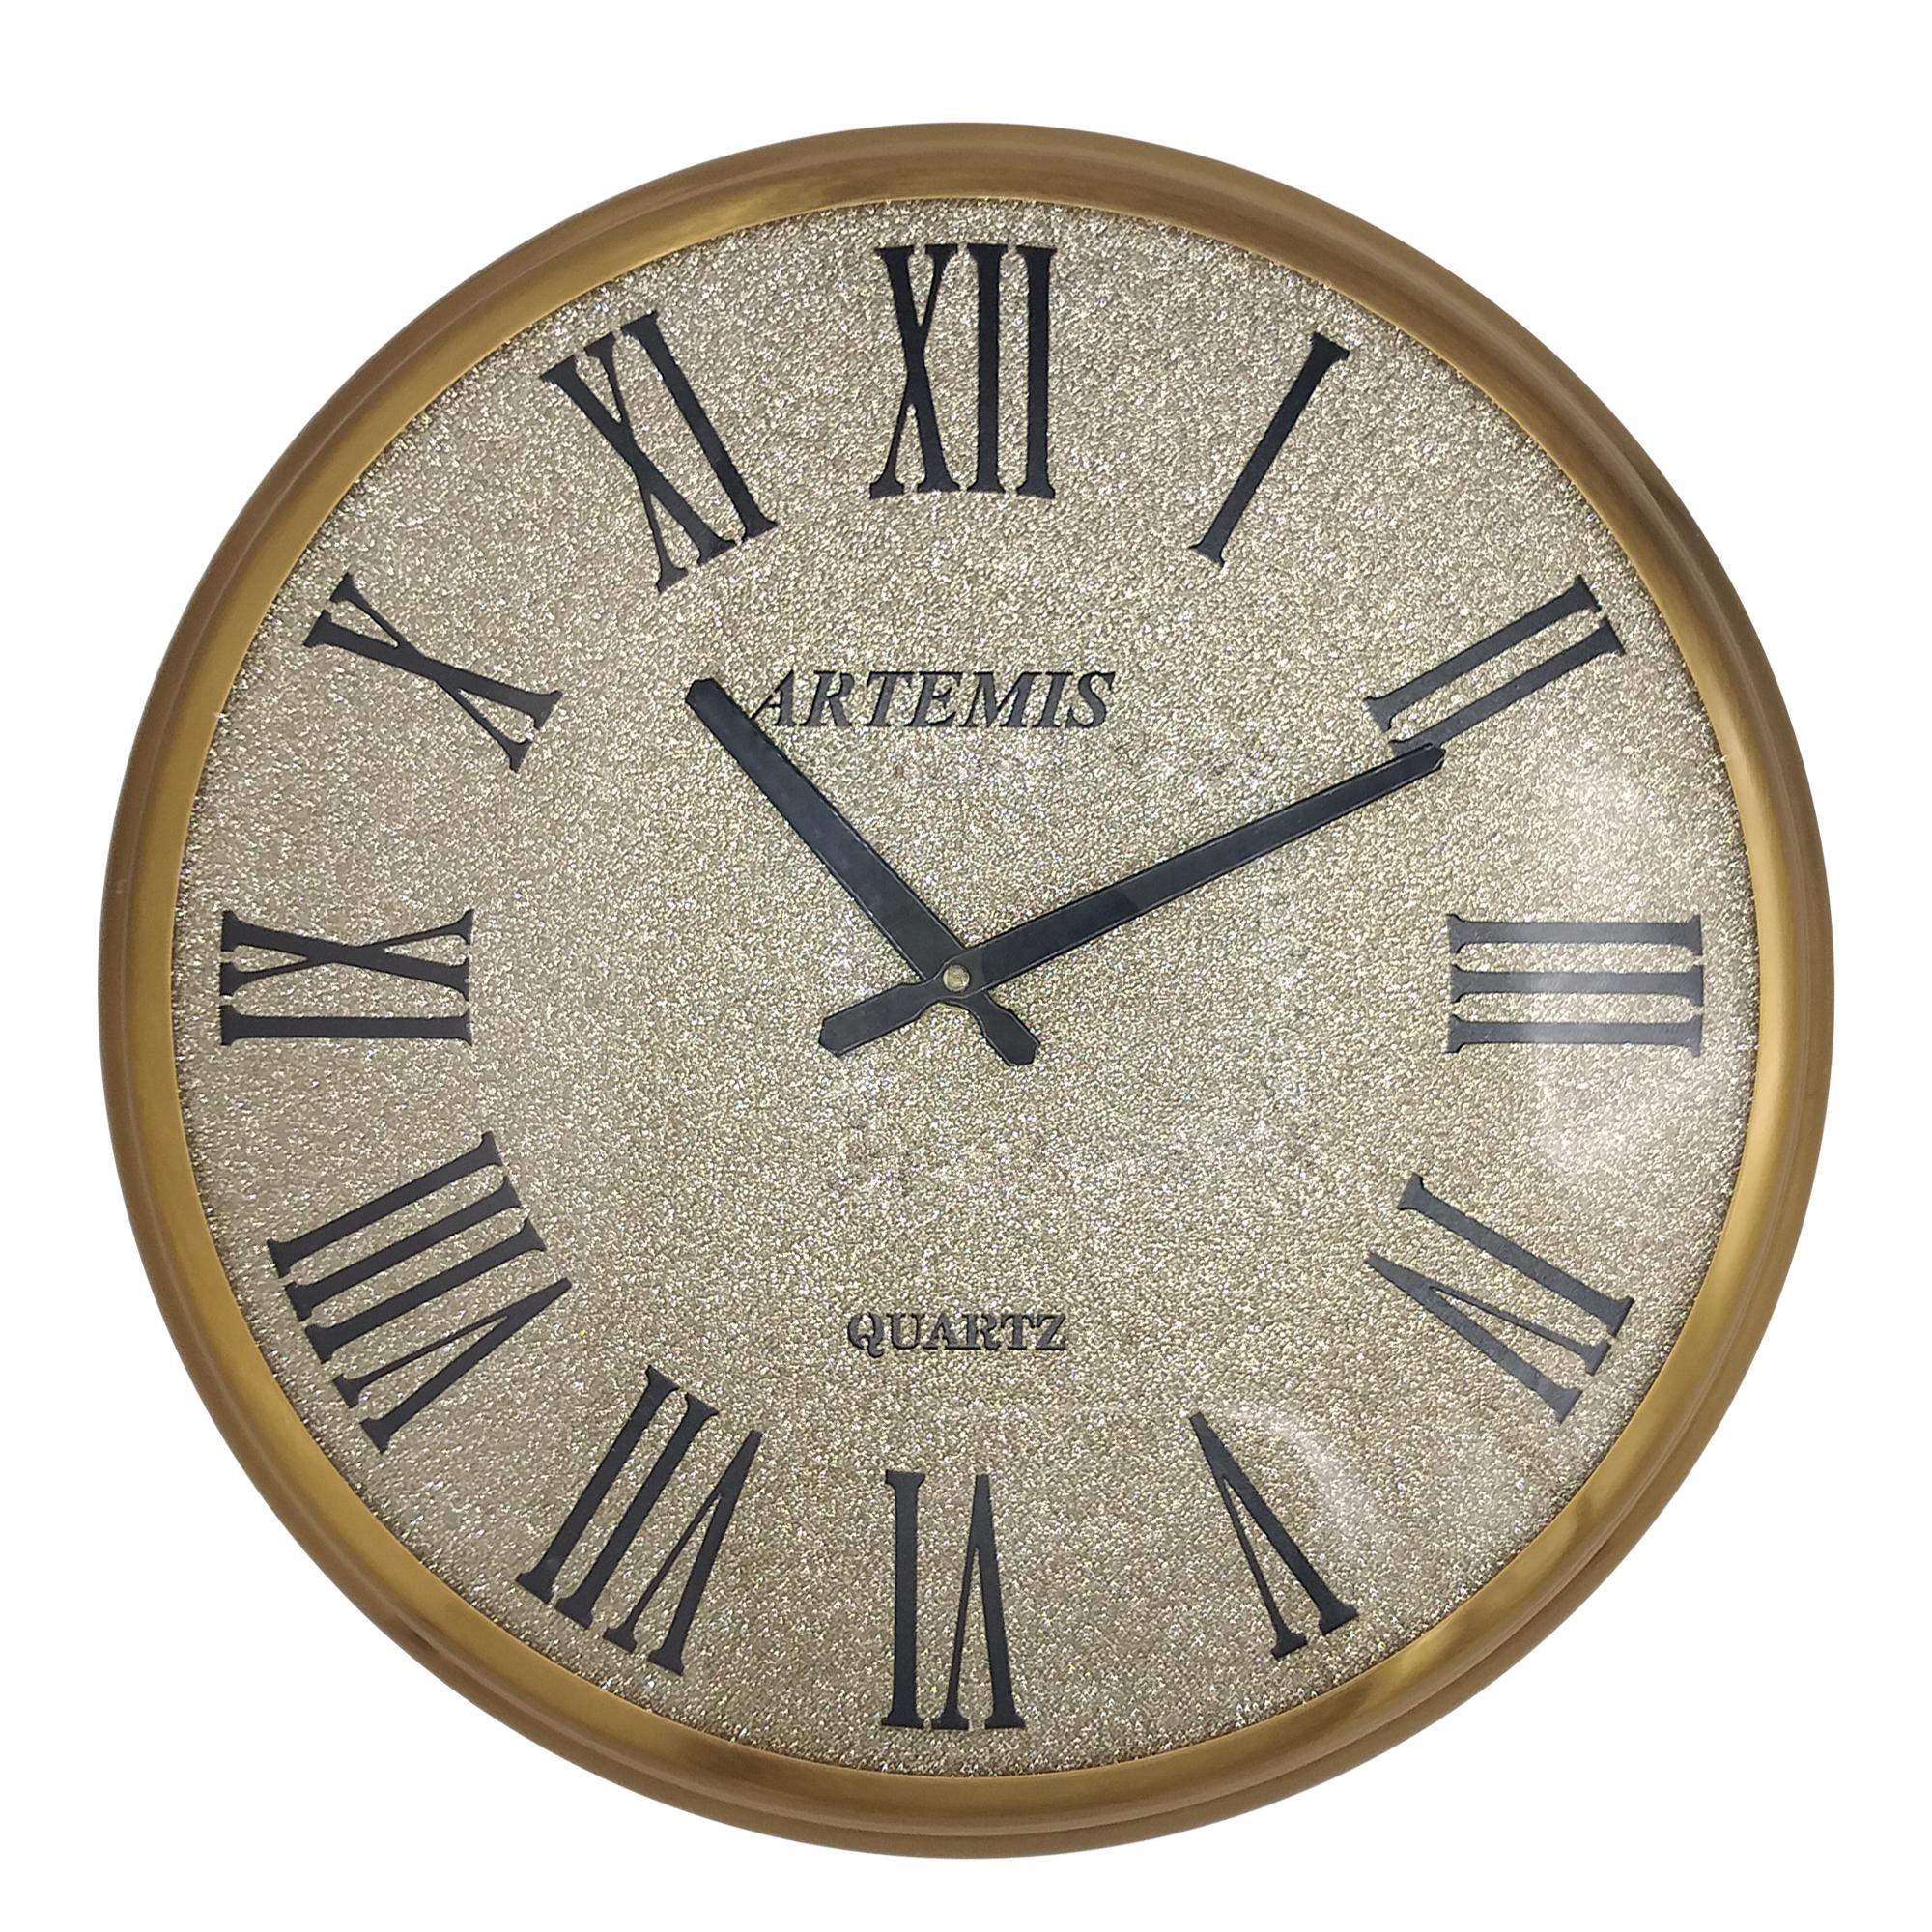 ساعت آرتمیس مدل اکلیلی کد 2024